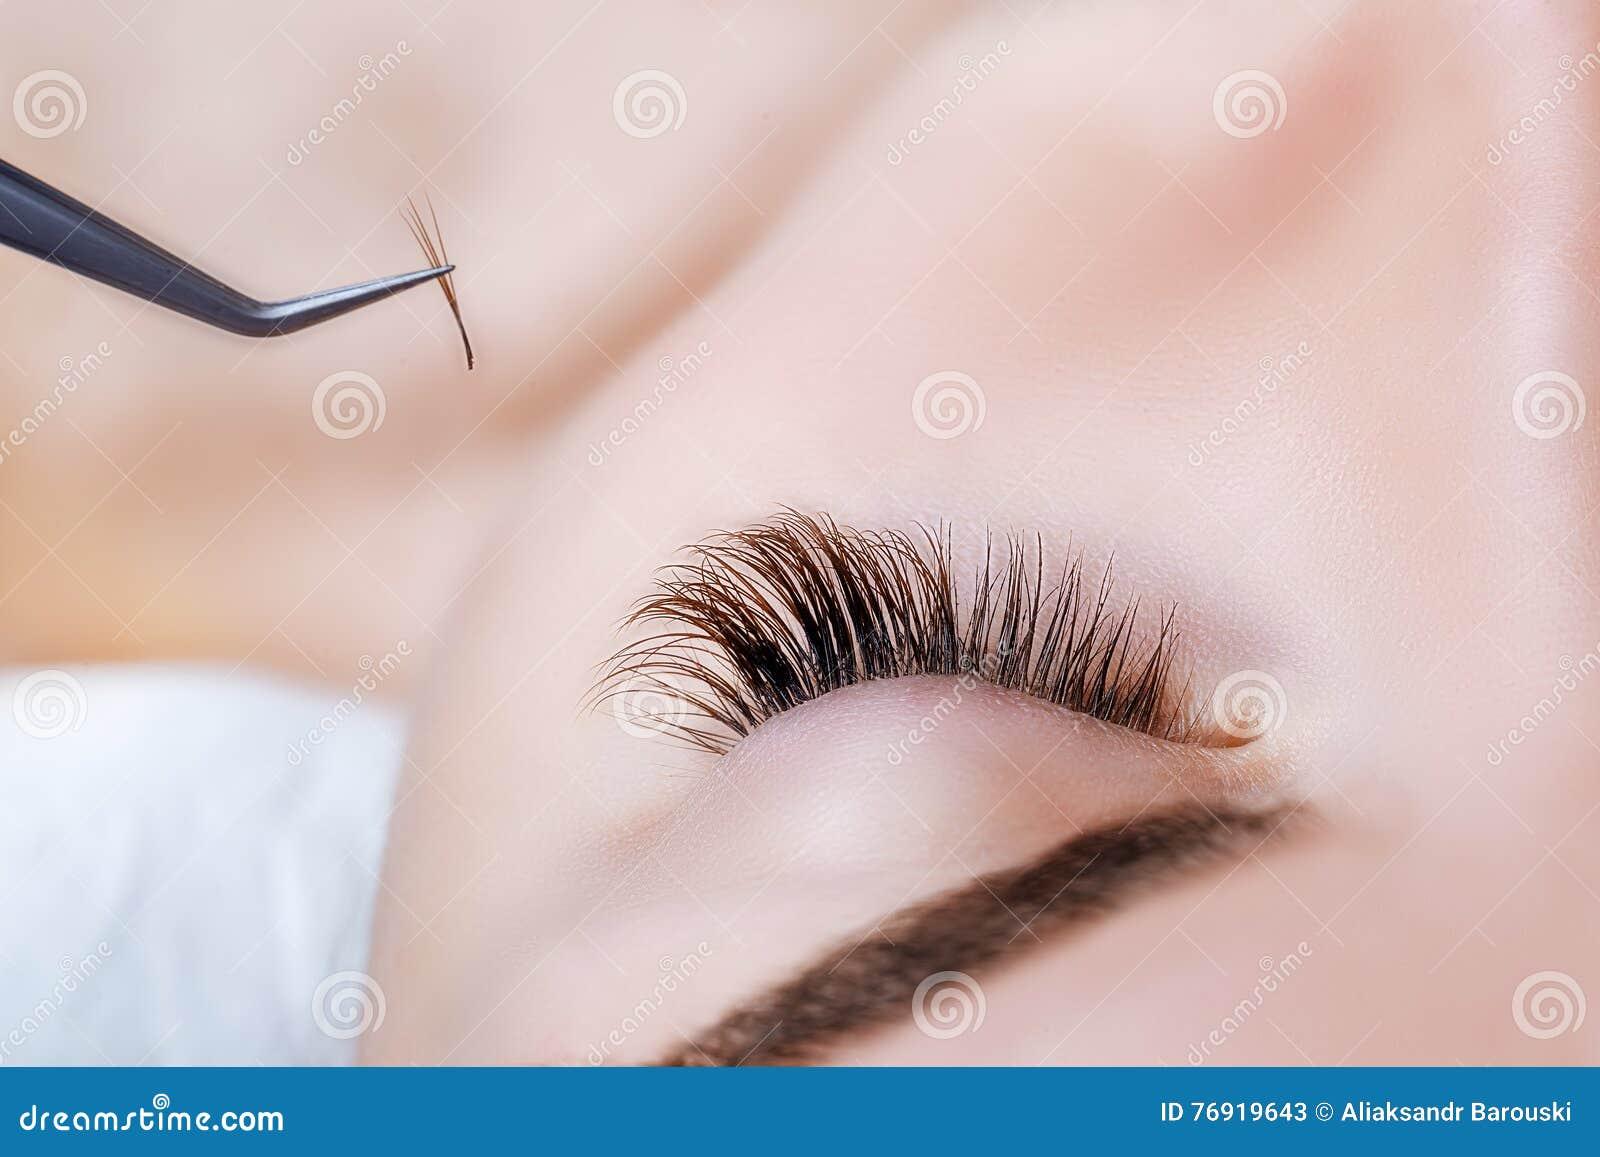 Woman Eye With Long Eyelashes Eyelash Extension Lashes Close Up